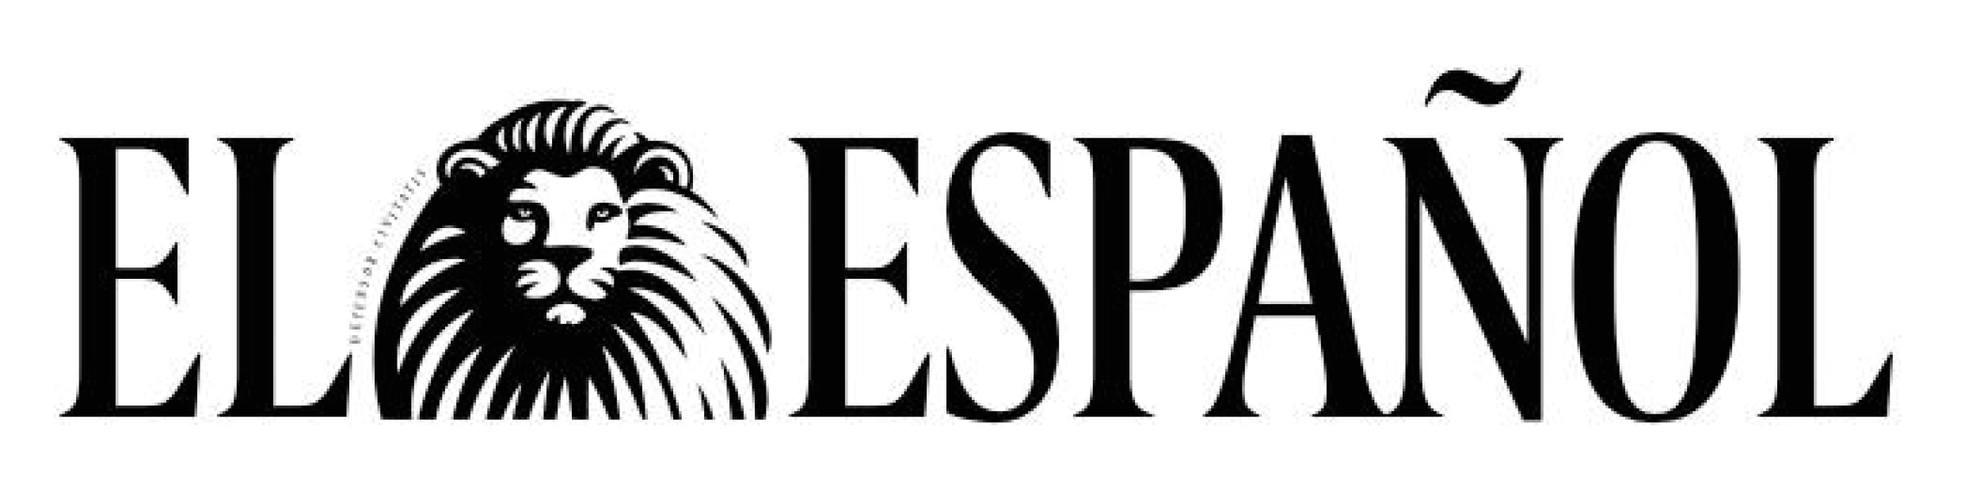 ElEspanol_300x1200px2-s-w